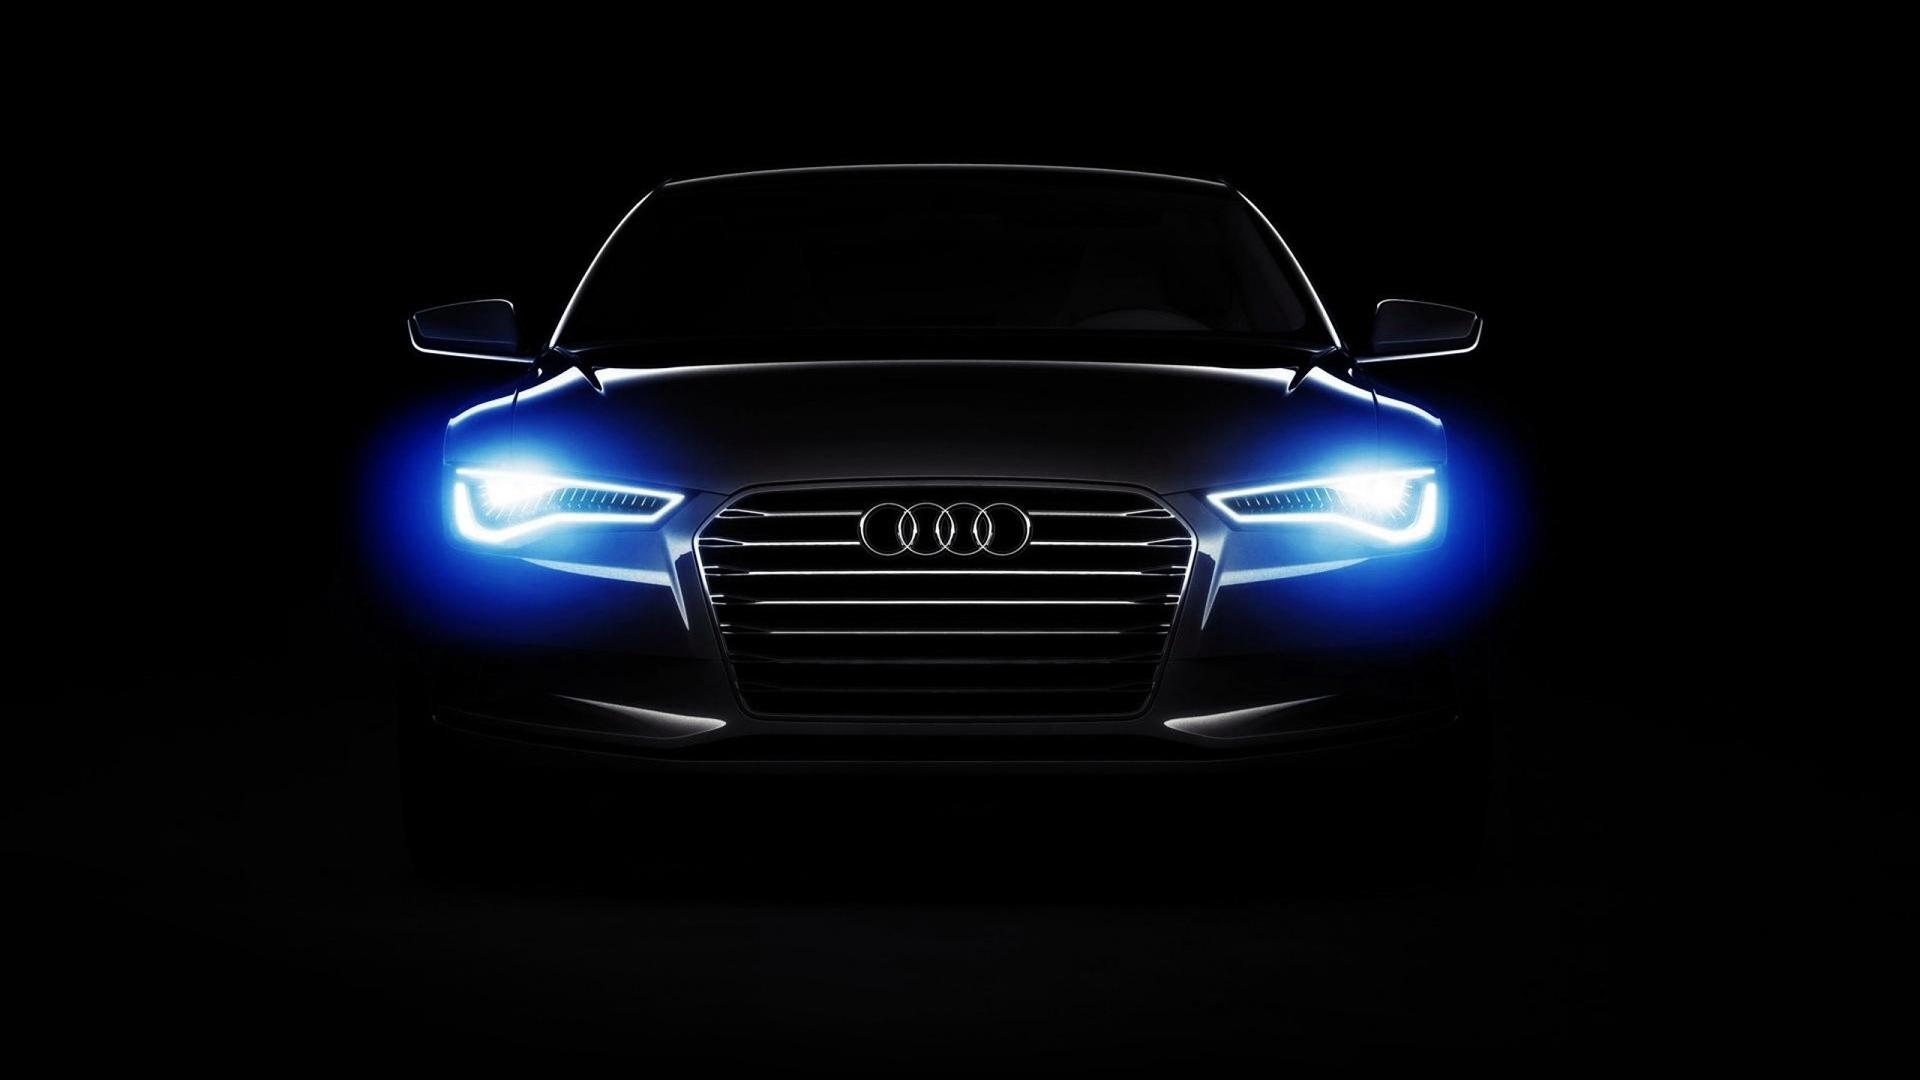 Fari auto come risparmiare energia scegliendo le lampade giuste